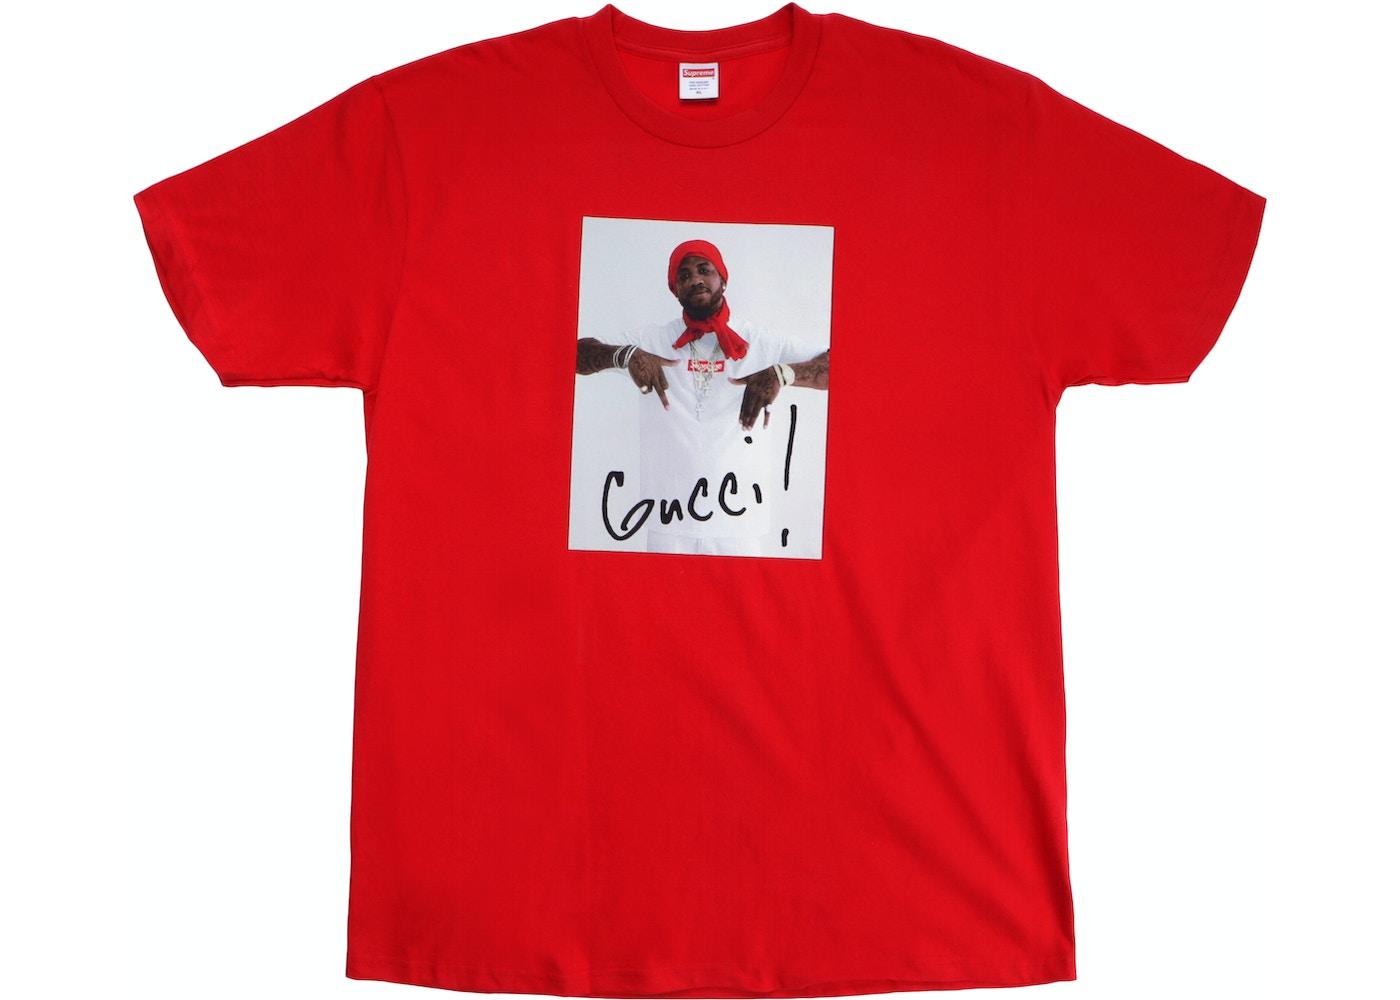 054f4a95 Streetwear - Supreme T-Shirts - Average Sale Price